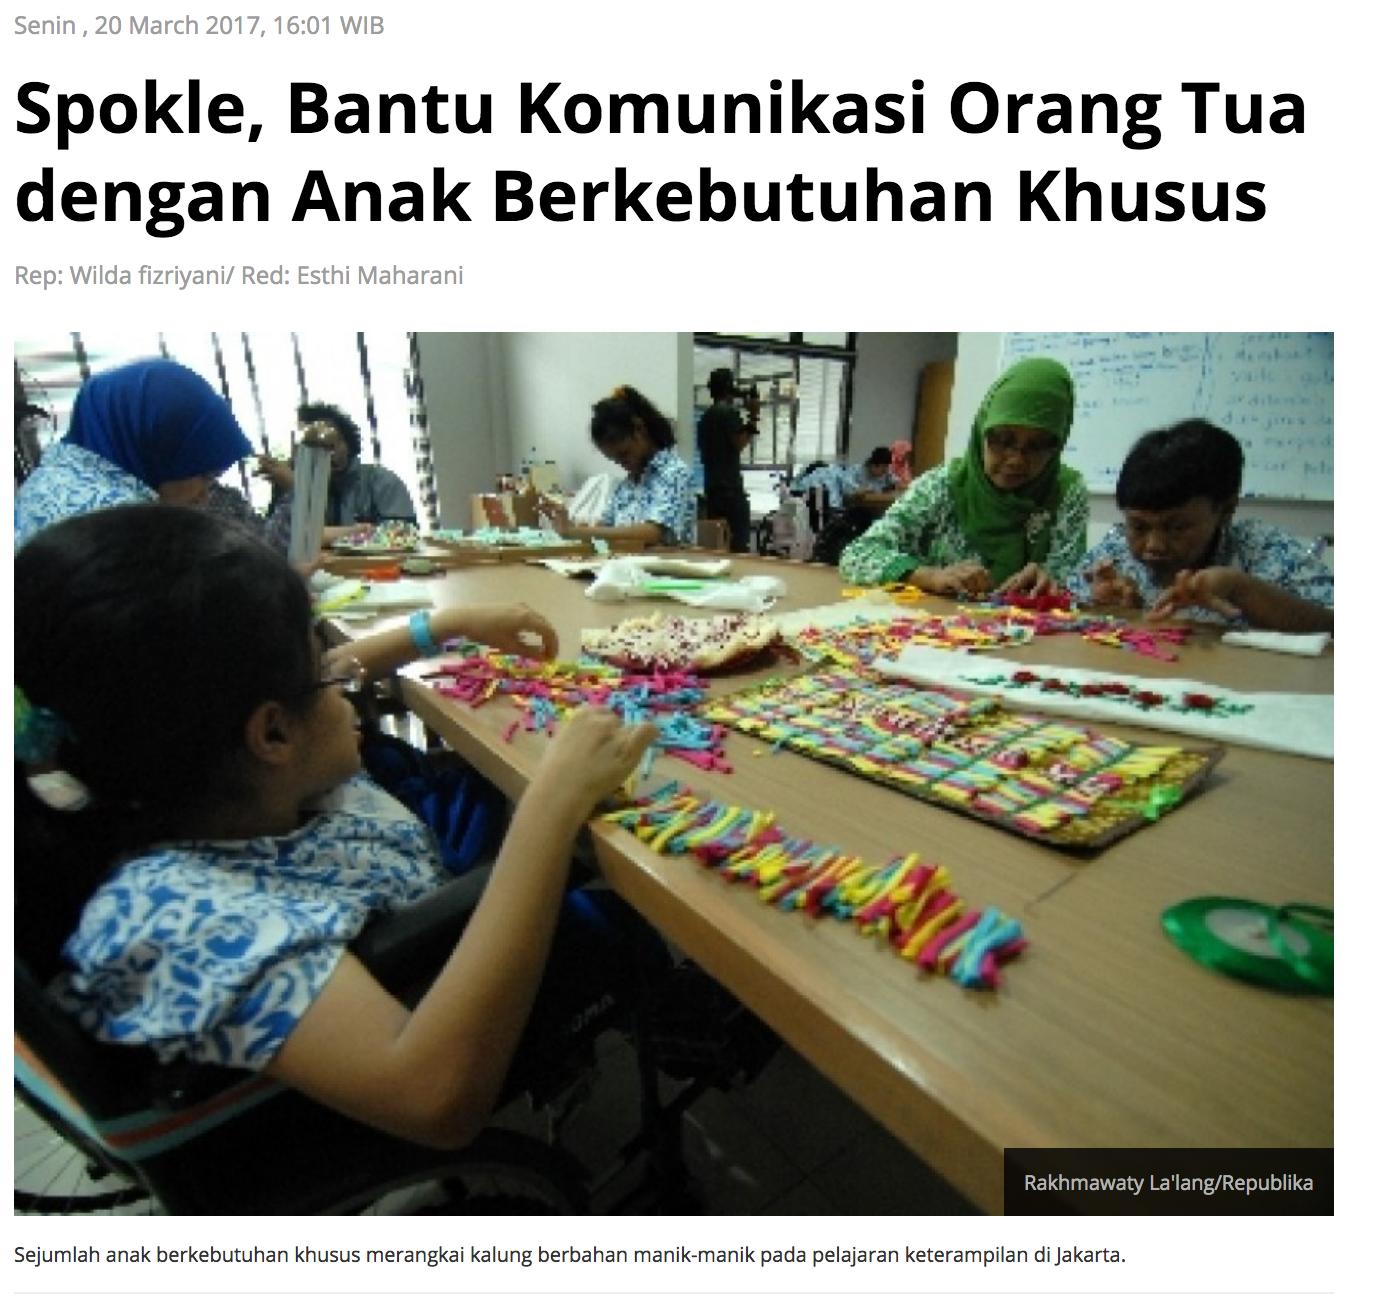 Republika article about Spokle app